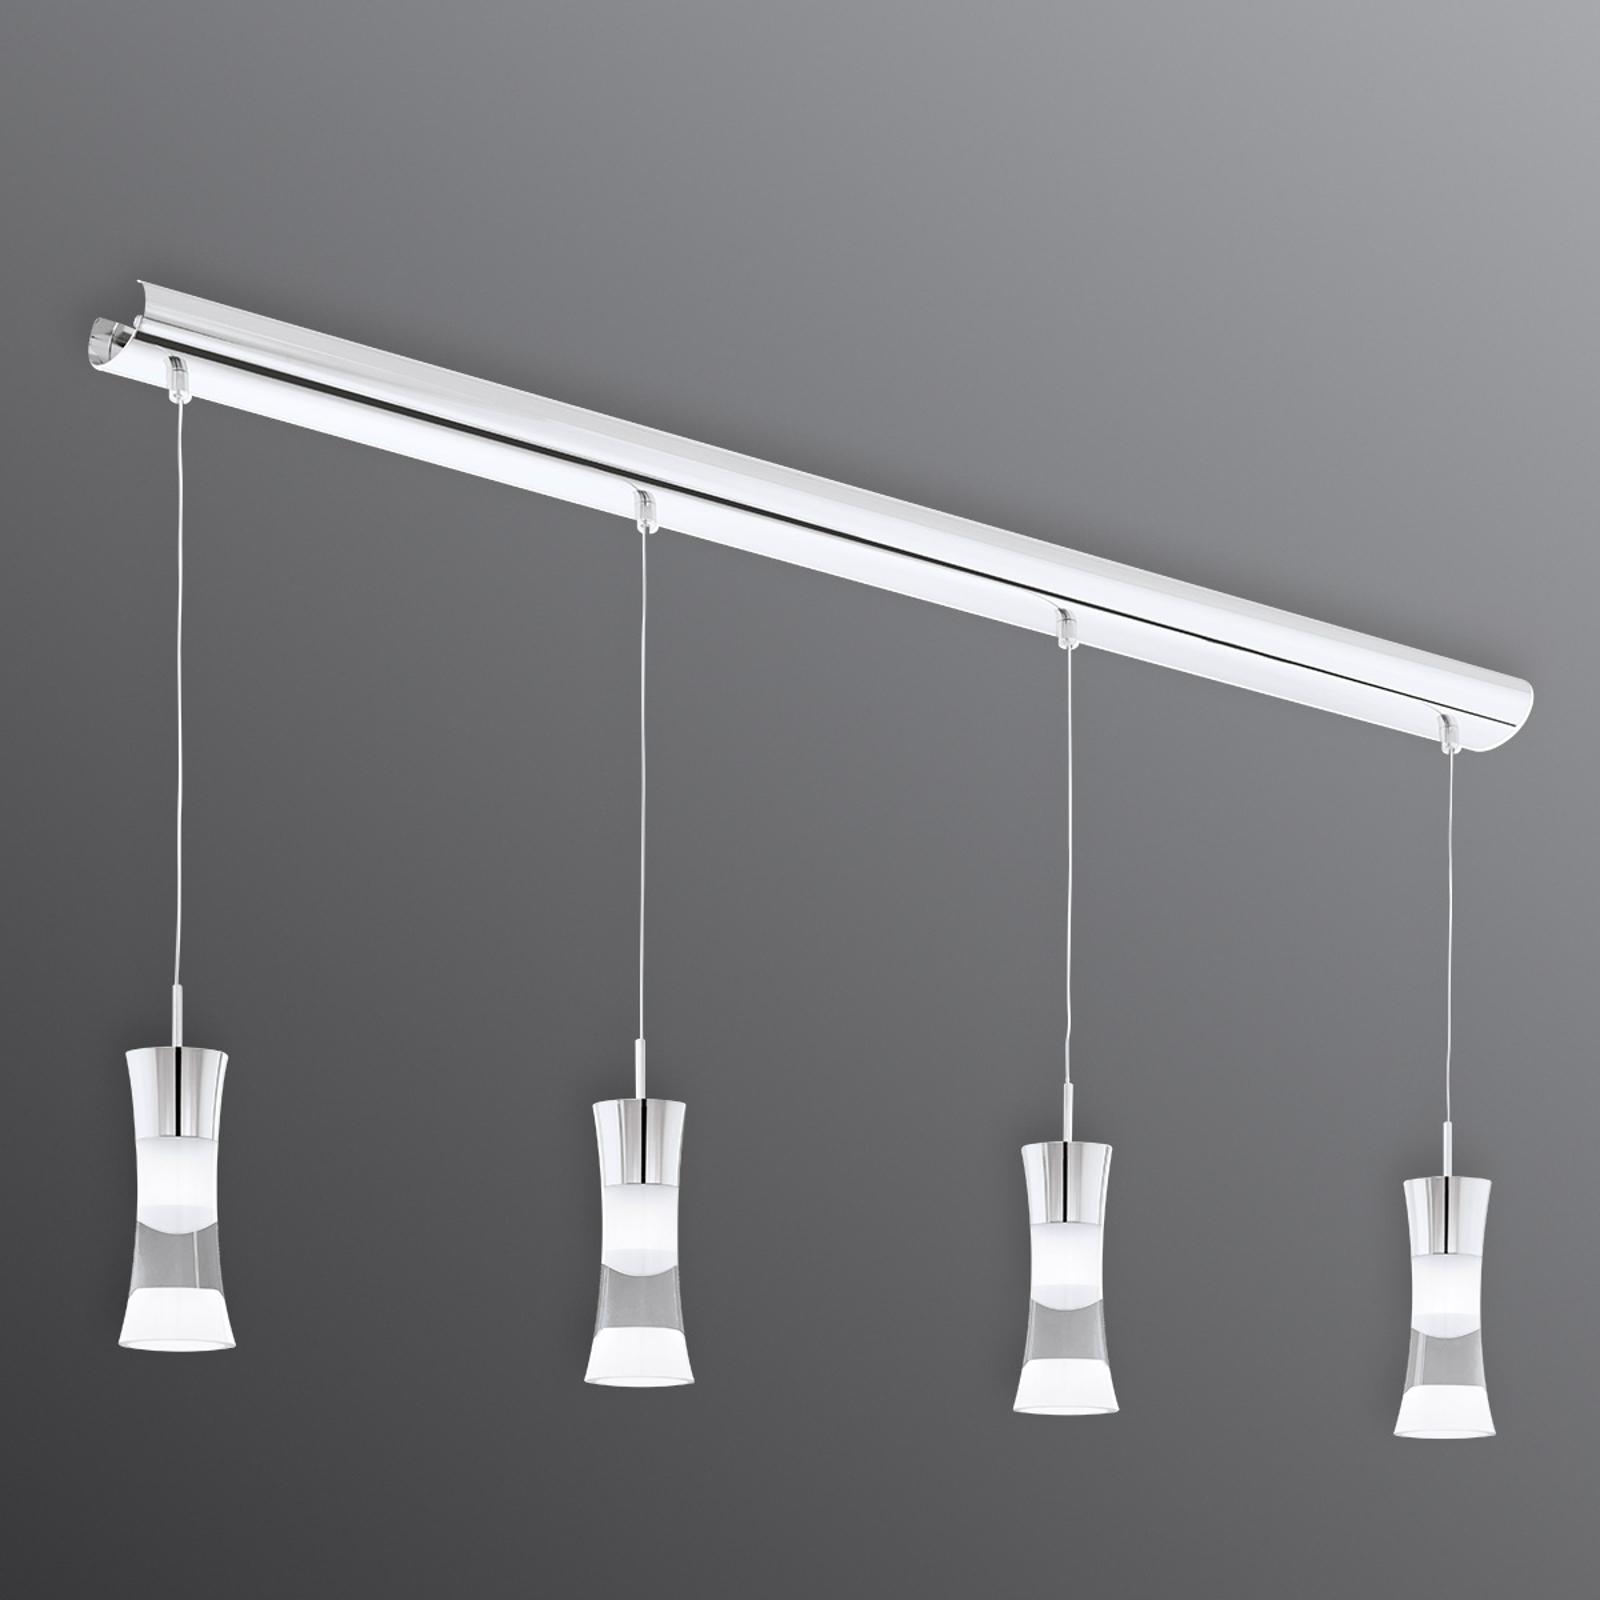 4-flg. LED-Hängeleuchte Pancento aus Stahl